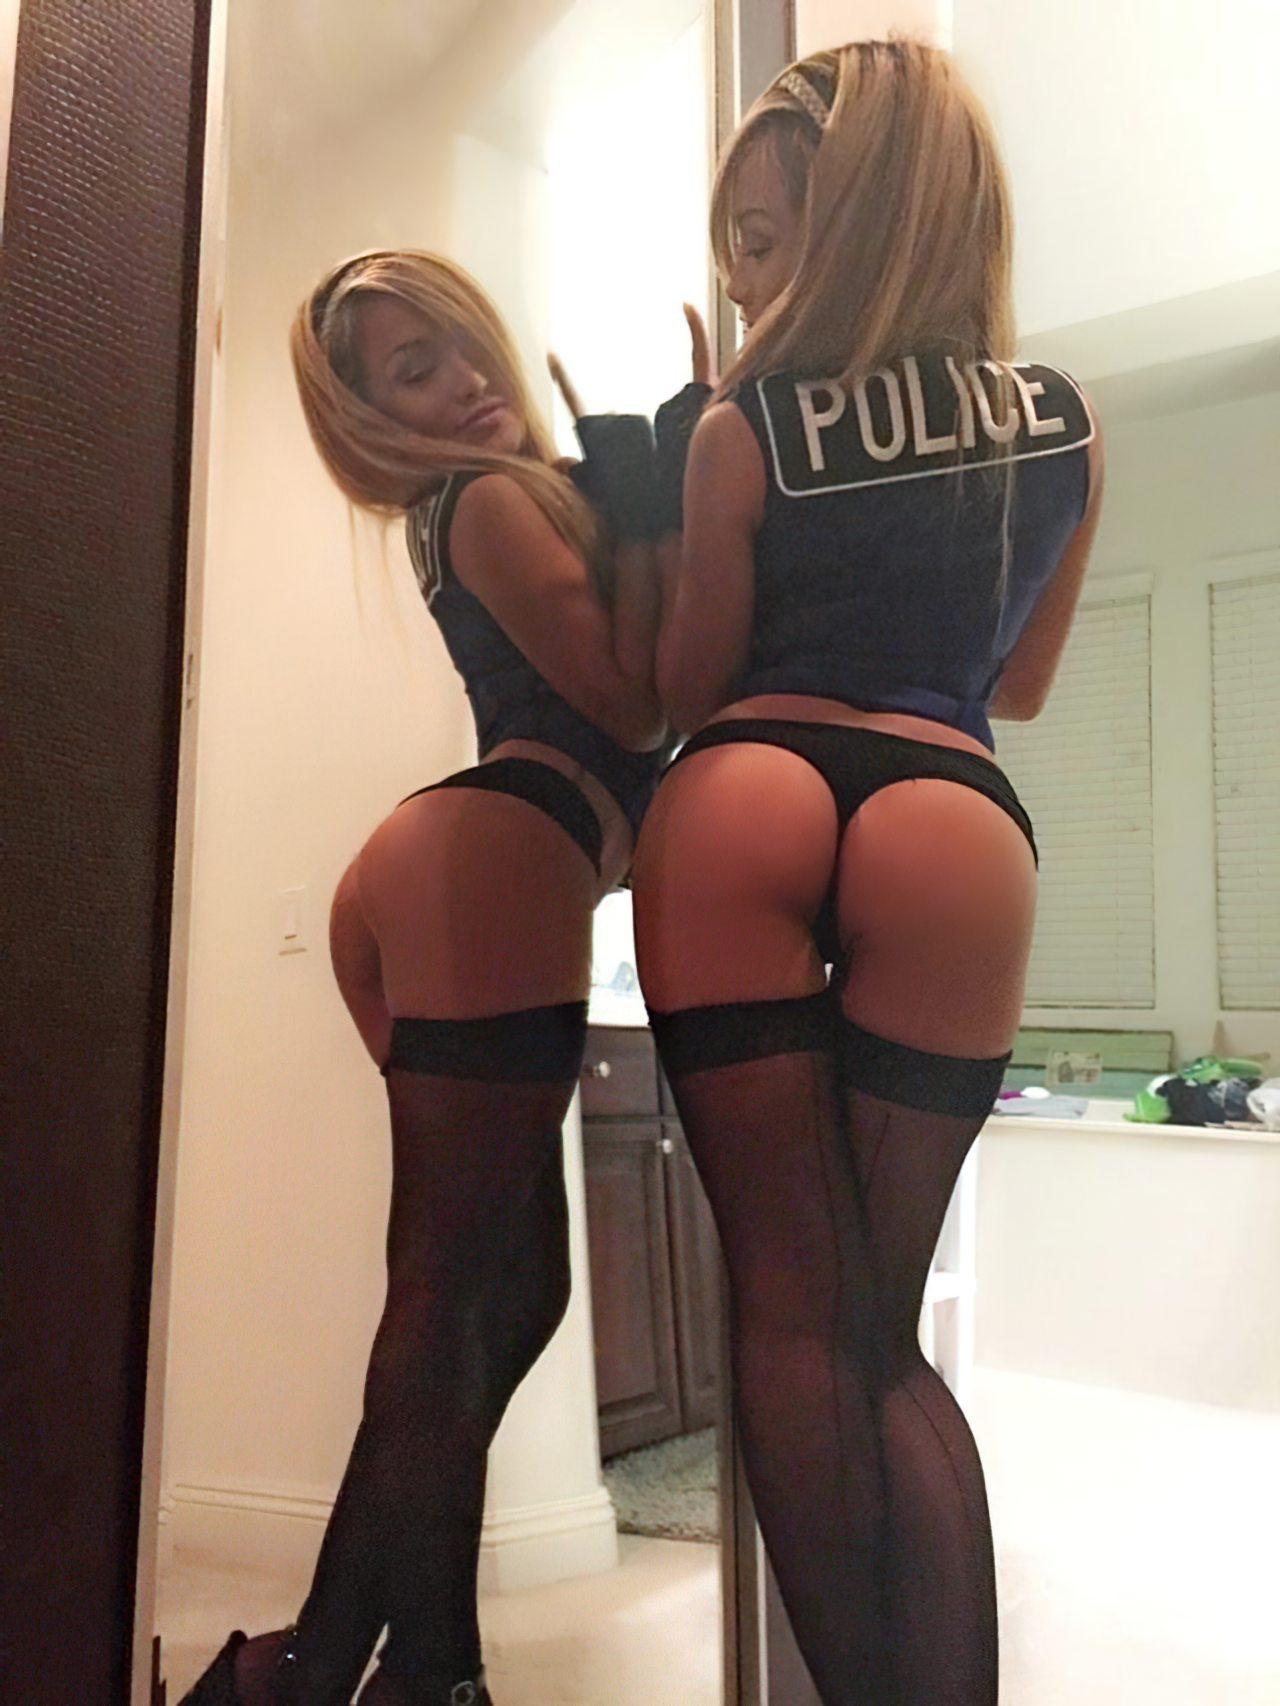 Policia Safada